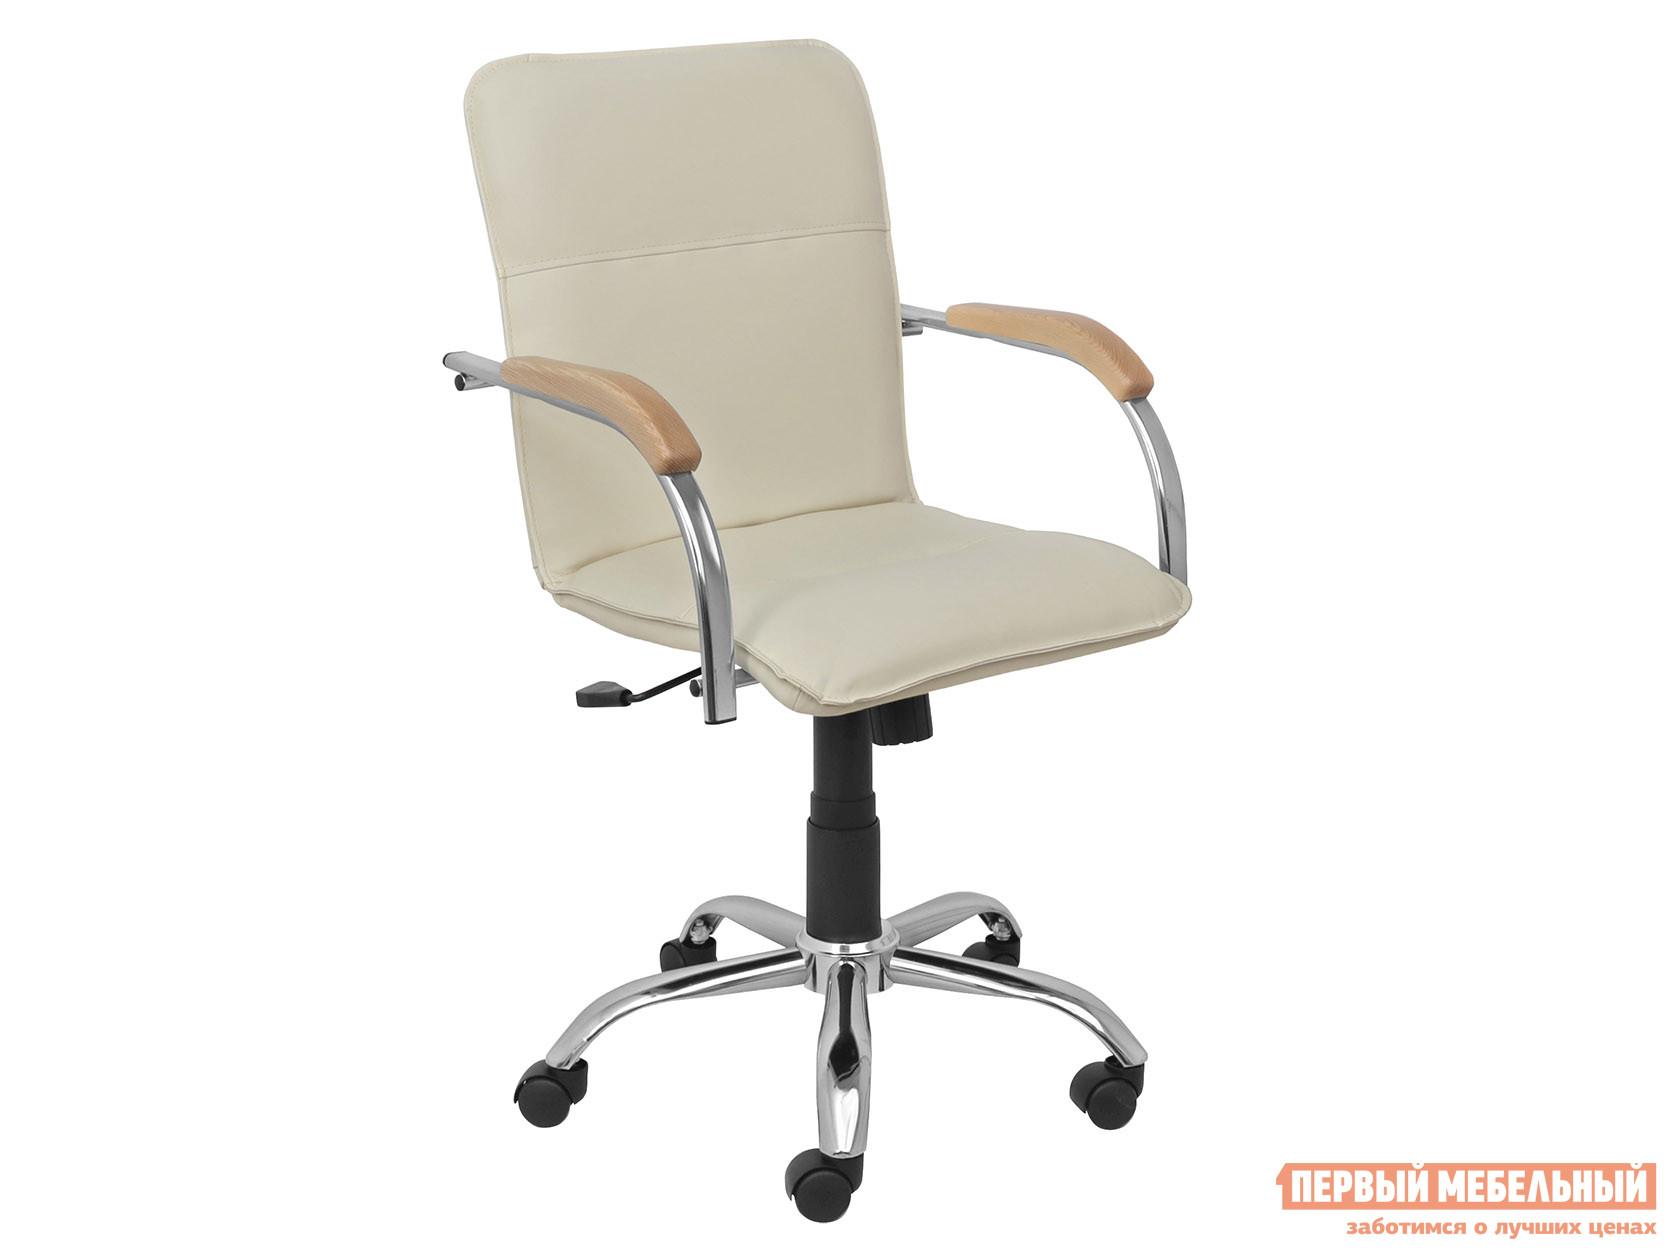 Офисное кресло  SAMBA AKS-2 Кремовый, экокожа, Деревянные Базистрейд 137640